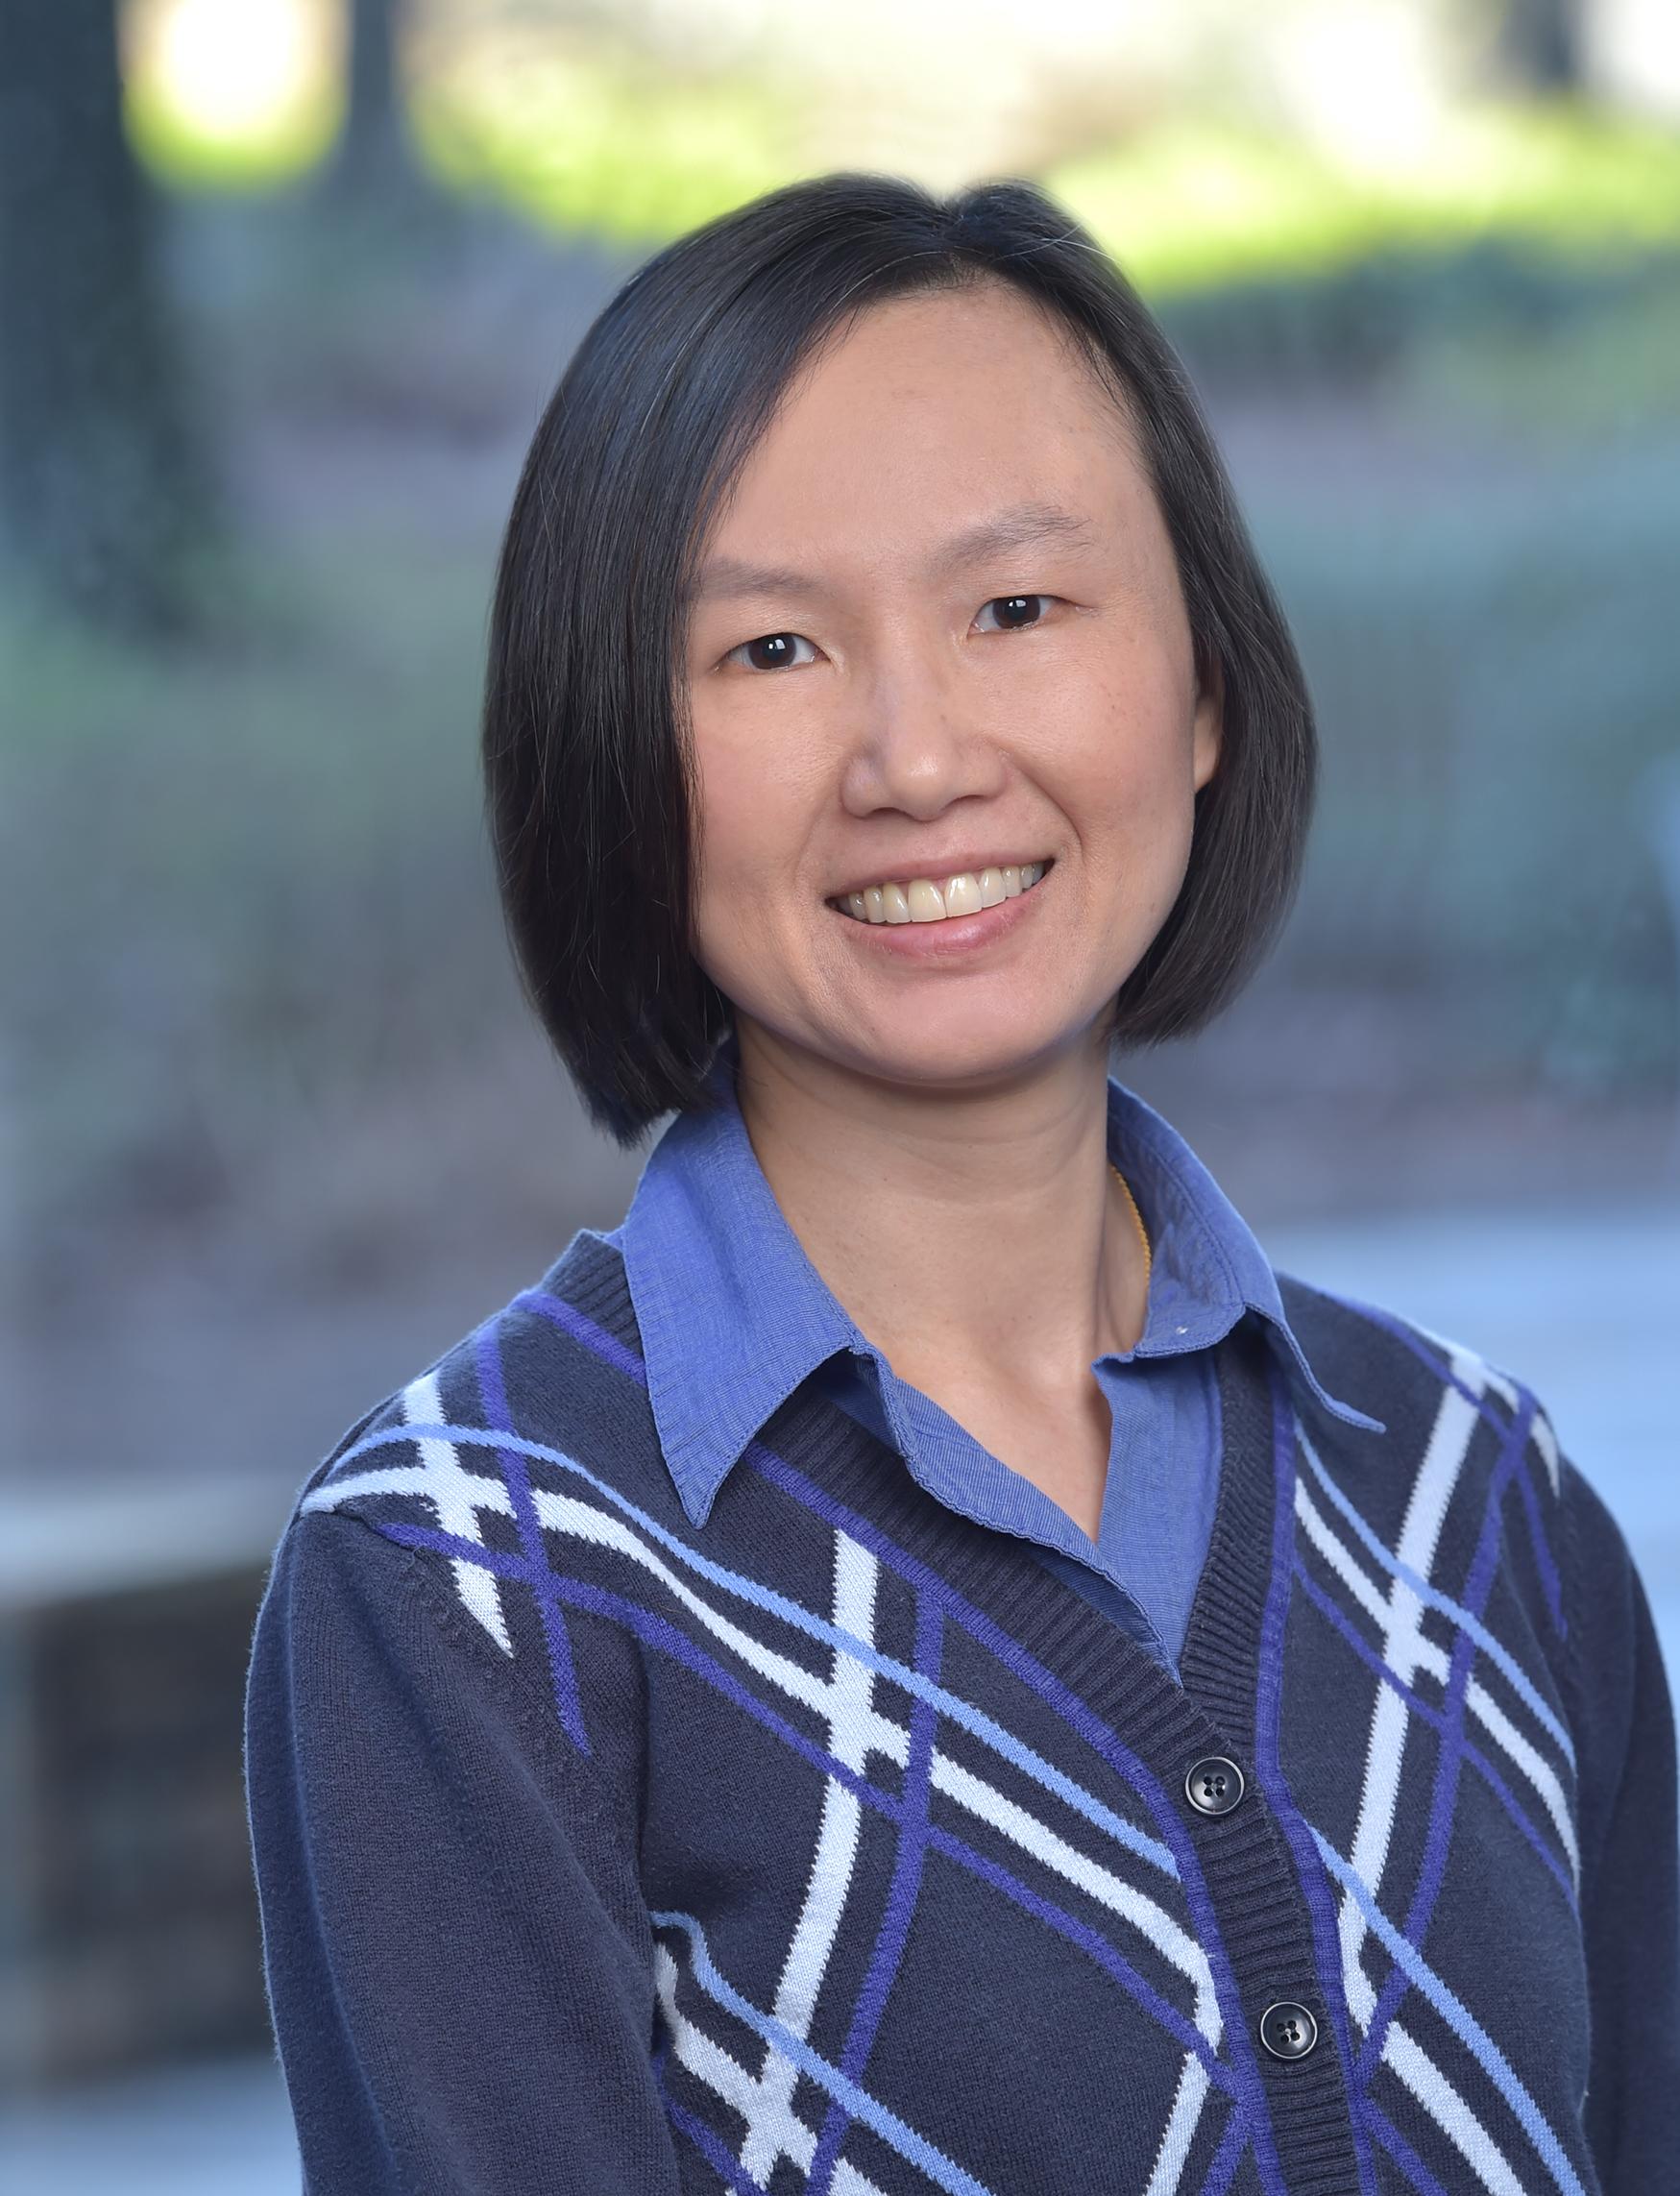 Angelyn Liu